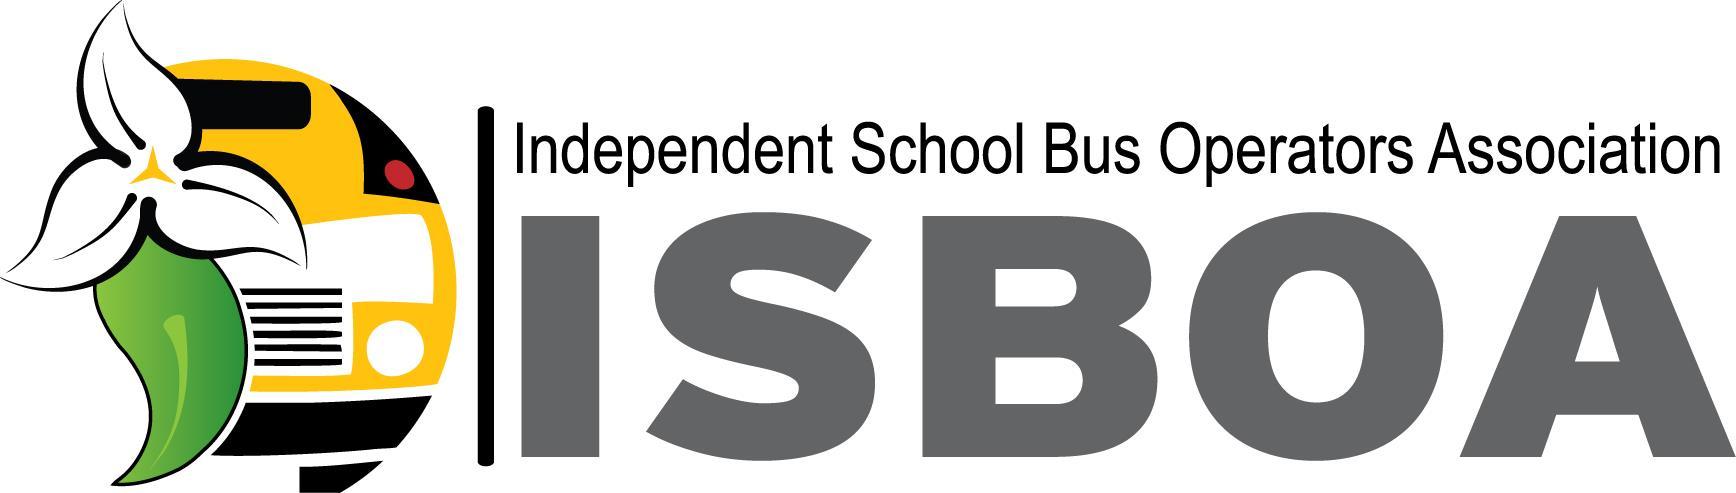 ISBOA_Logo.jpg